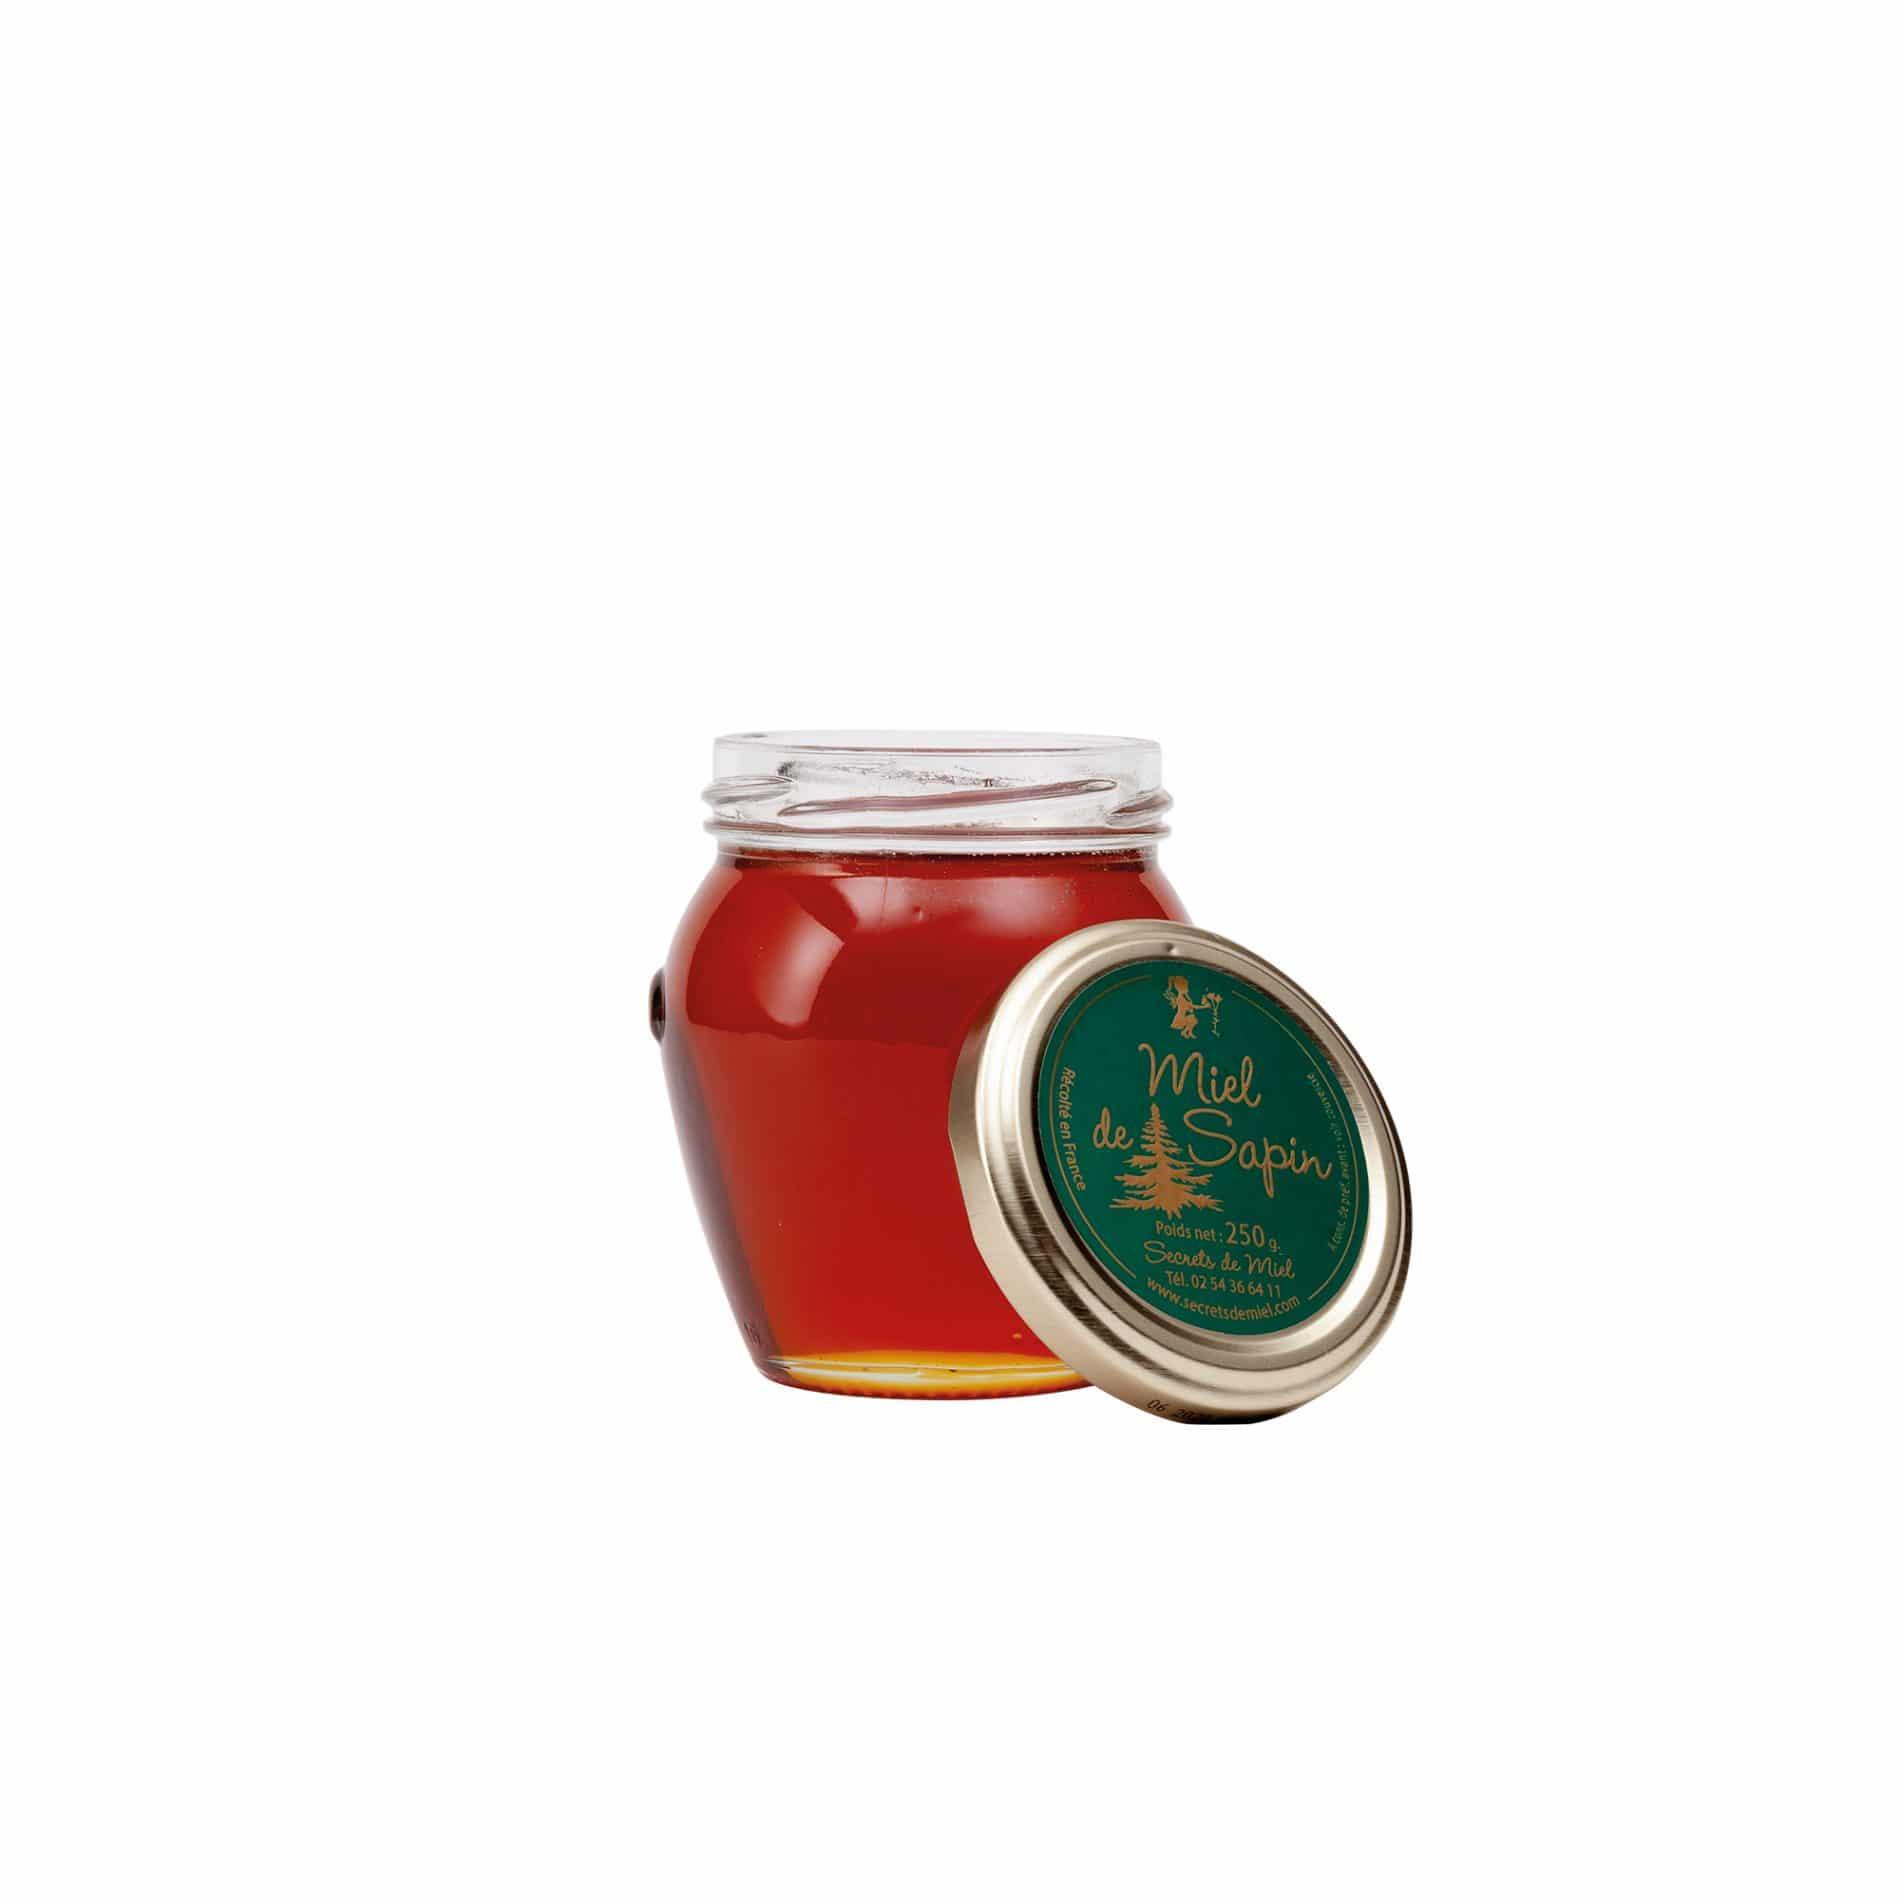 Miel de Spain - Ruches françaises - Miel français - abeilles - Ruche - produit naturel - Secrets de Miel